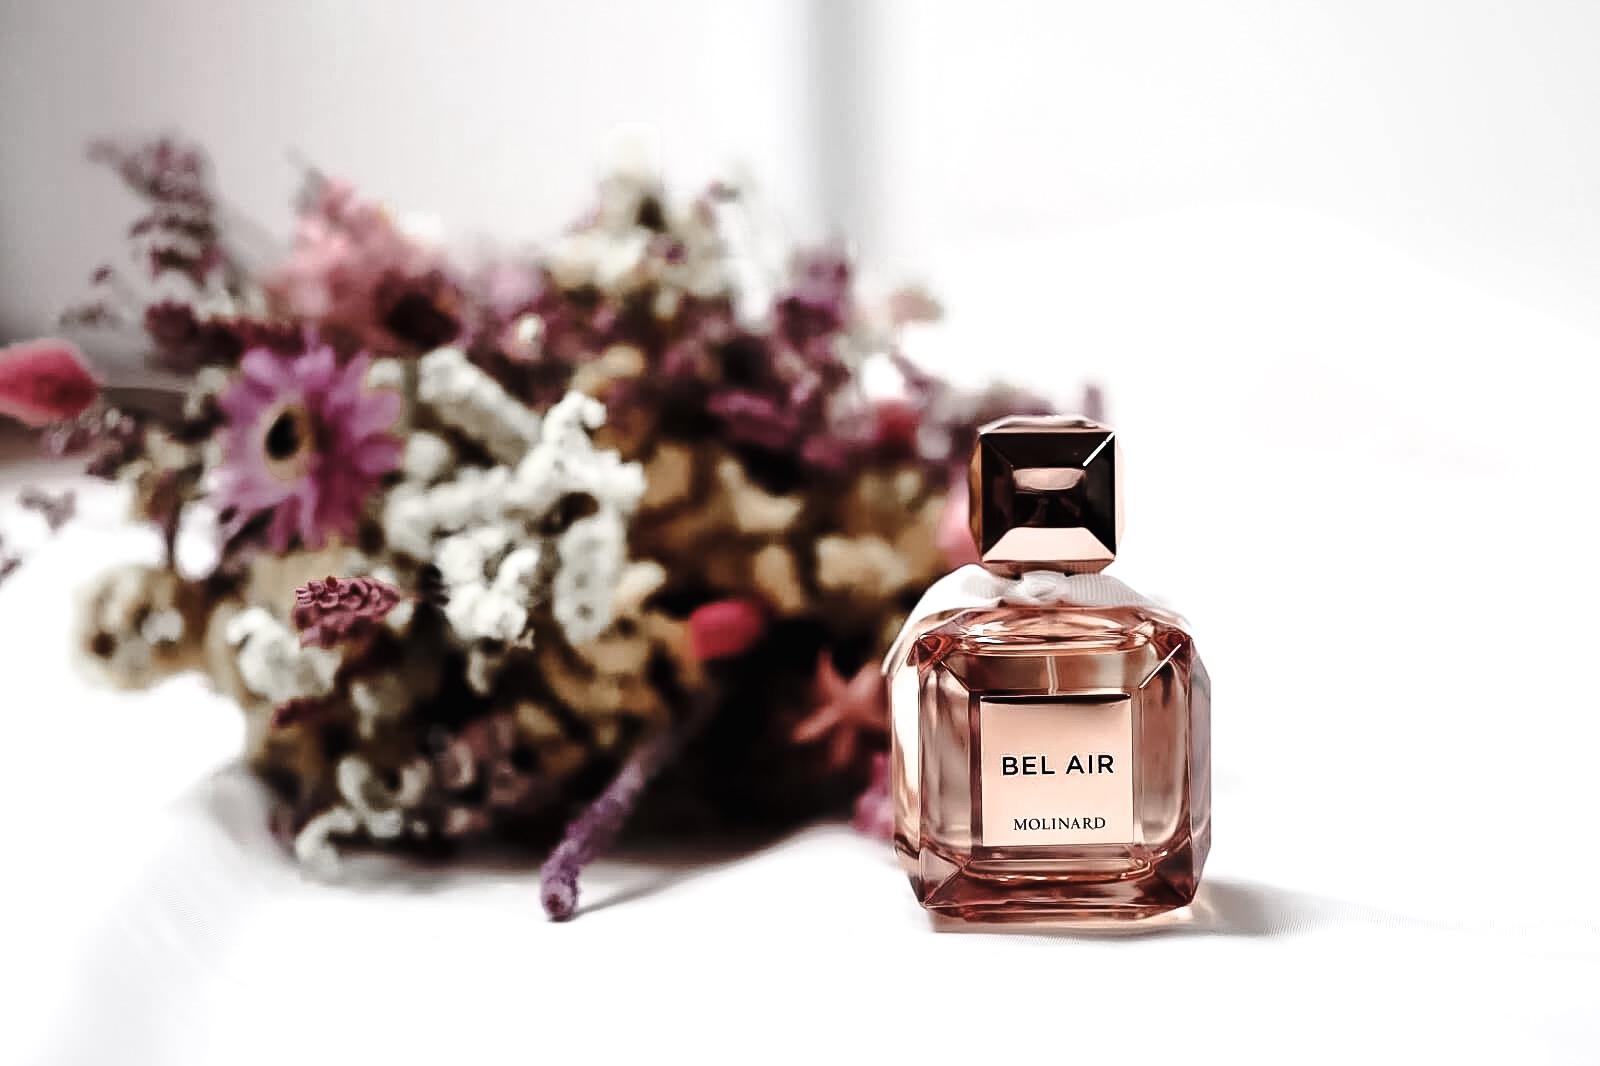 molinard-bel-air-parfum-avis-test-critique